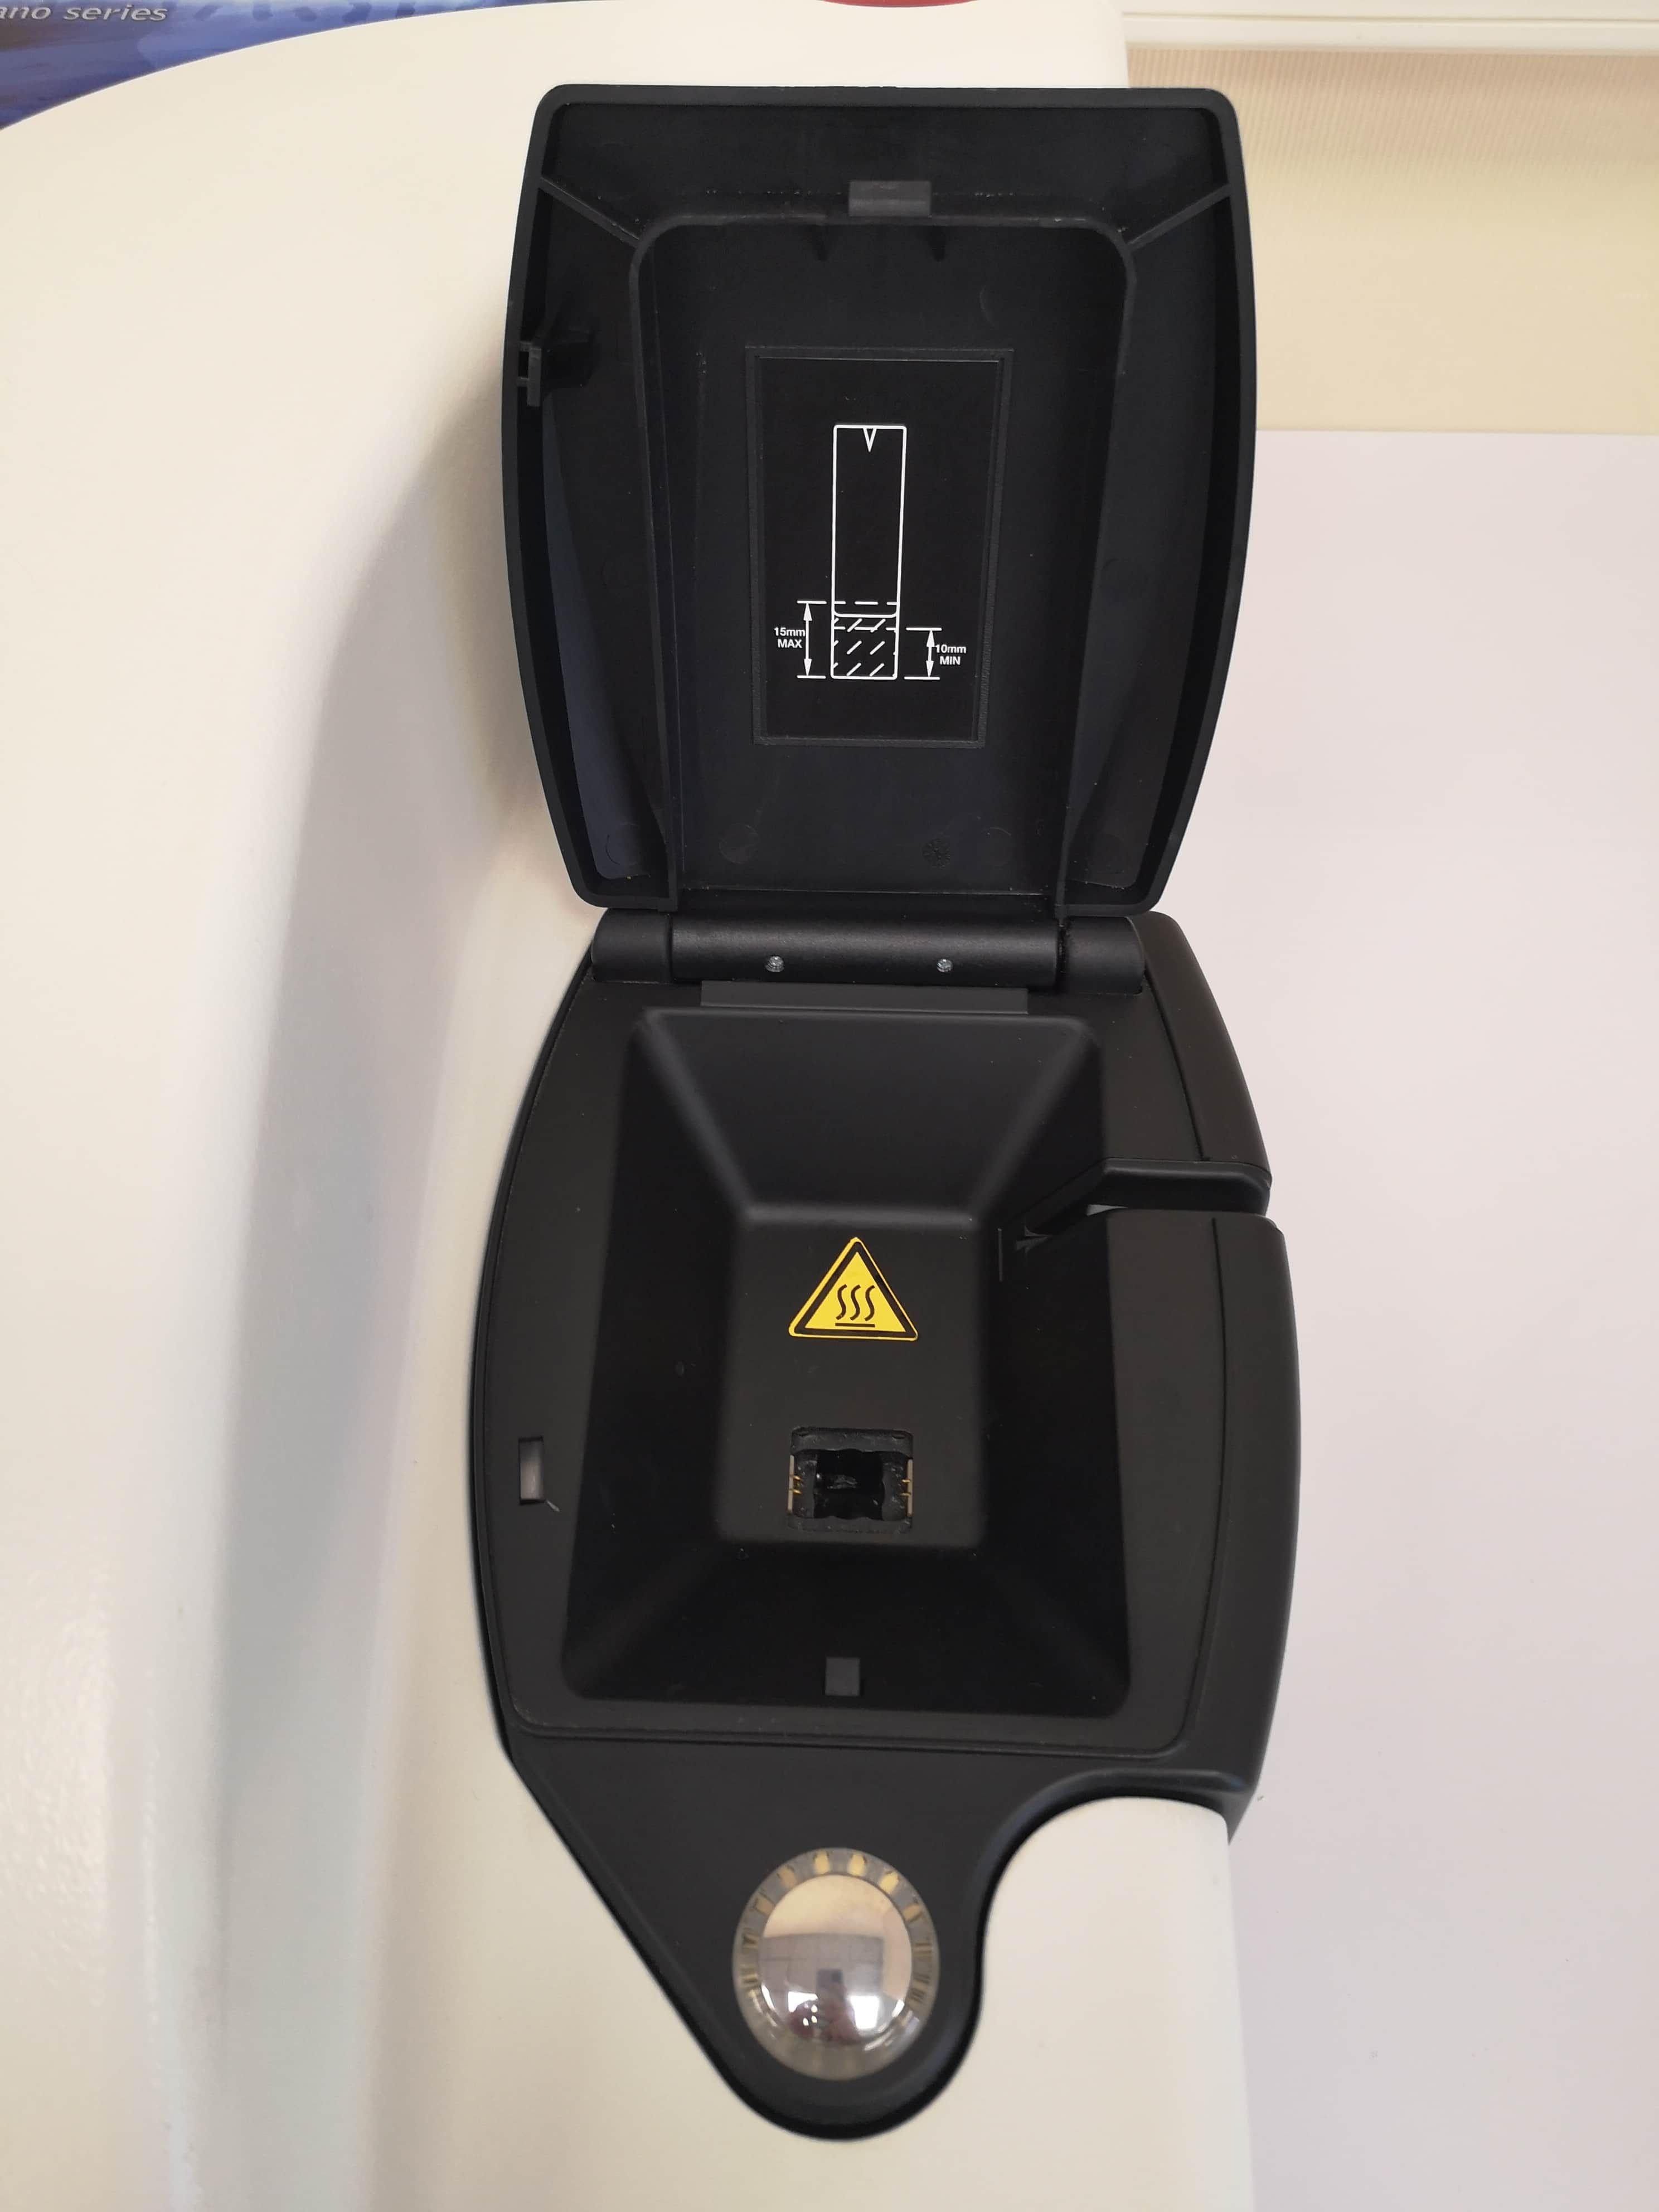 Malvern Zetasizer Nano ZS (ZEN3600) USED